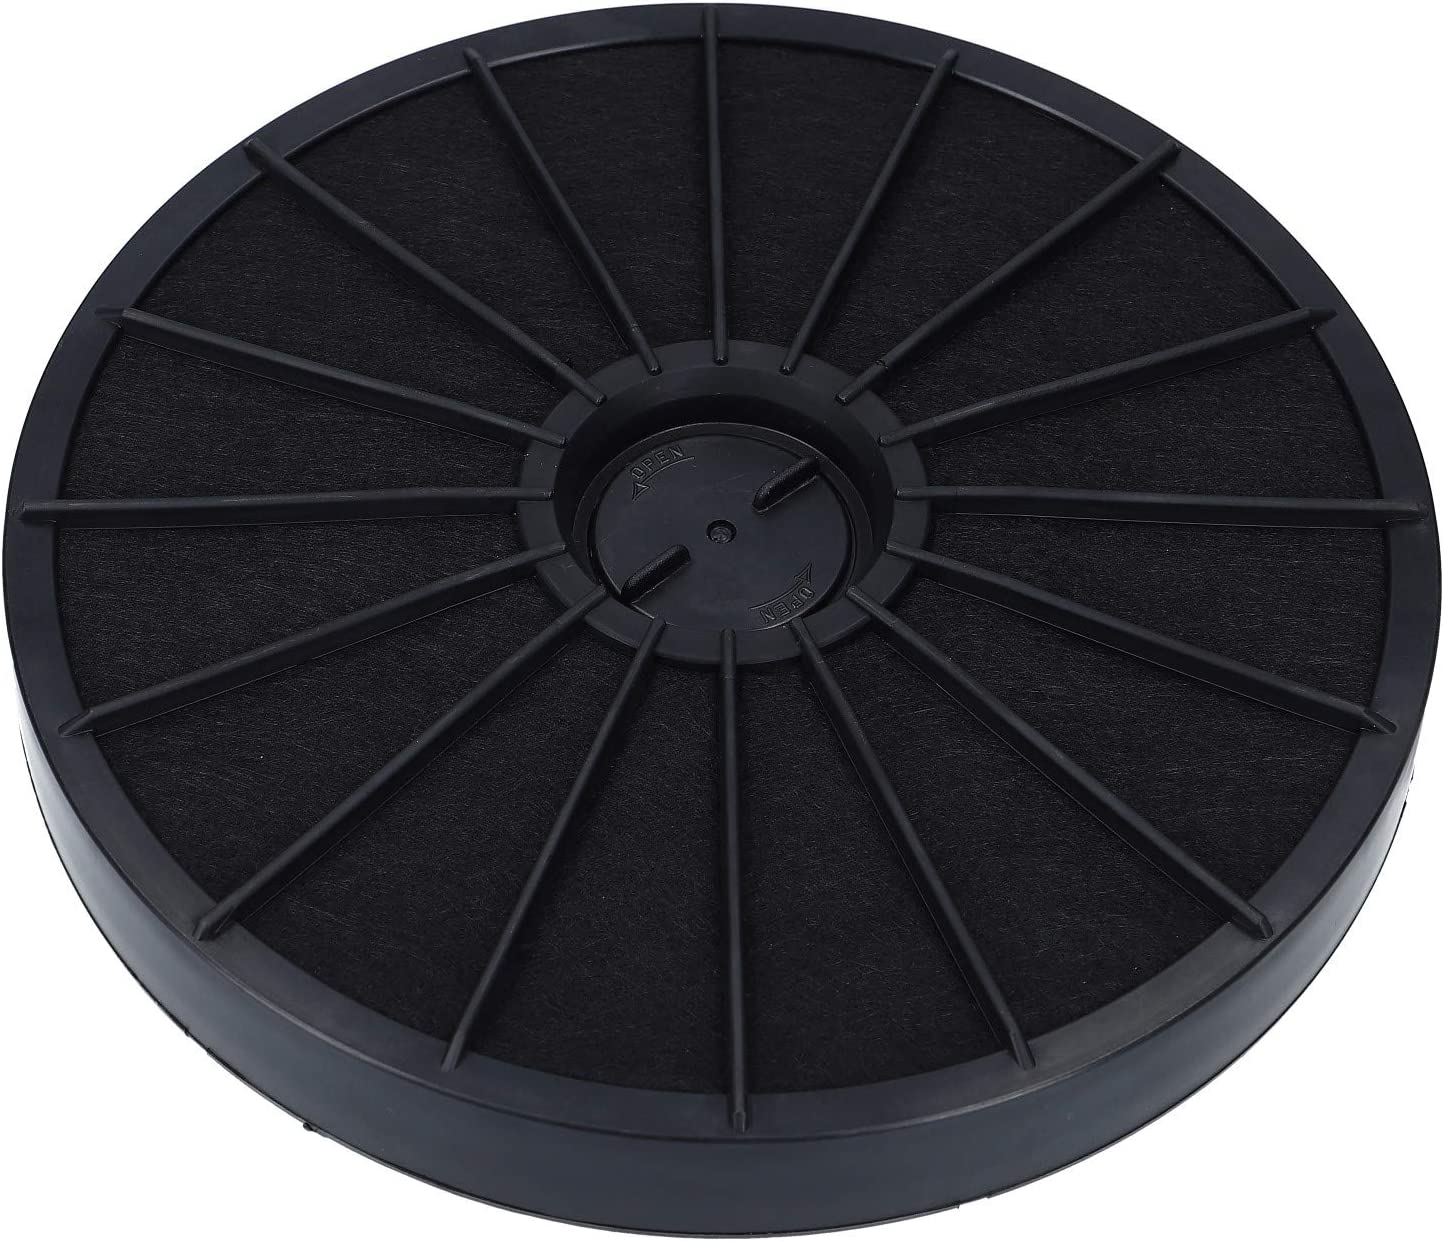 LUTH Premium Profi Parts Filtro de carbón Activado EFF54 para AEG Electrolux 50294677005 9029793776 Campana extractora